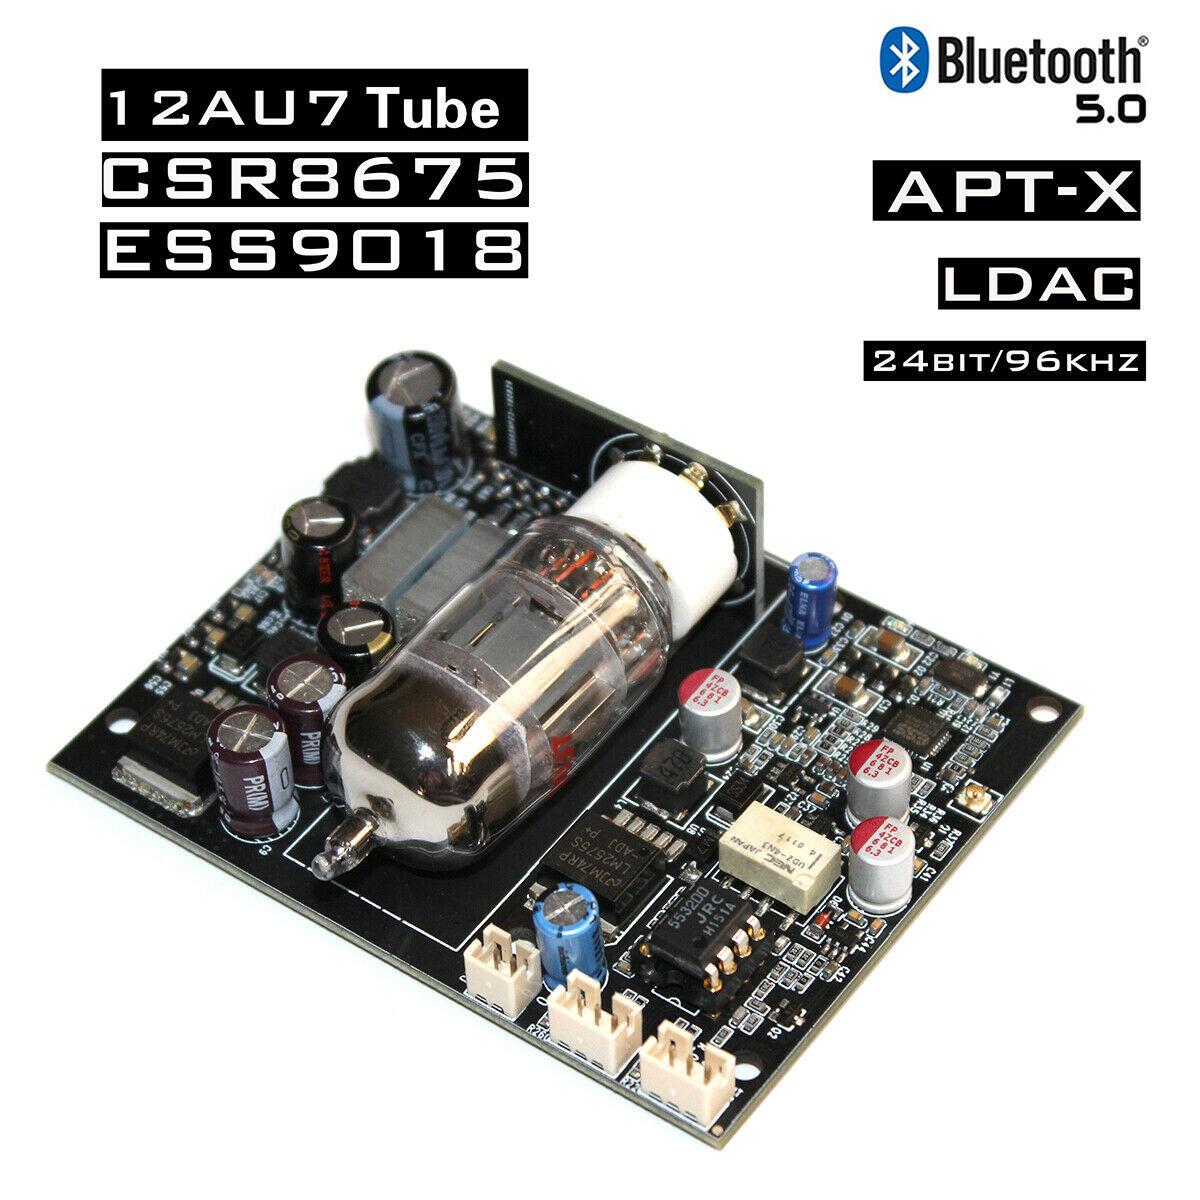 Carte récepteur Audio Bluetooth 12AU7 Tube CSR8675 ES9018 décodage DAC APTX 24bit